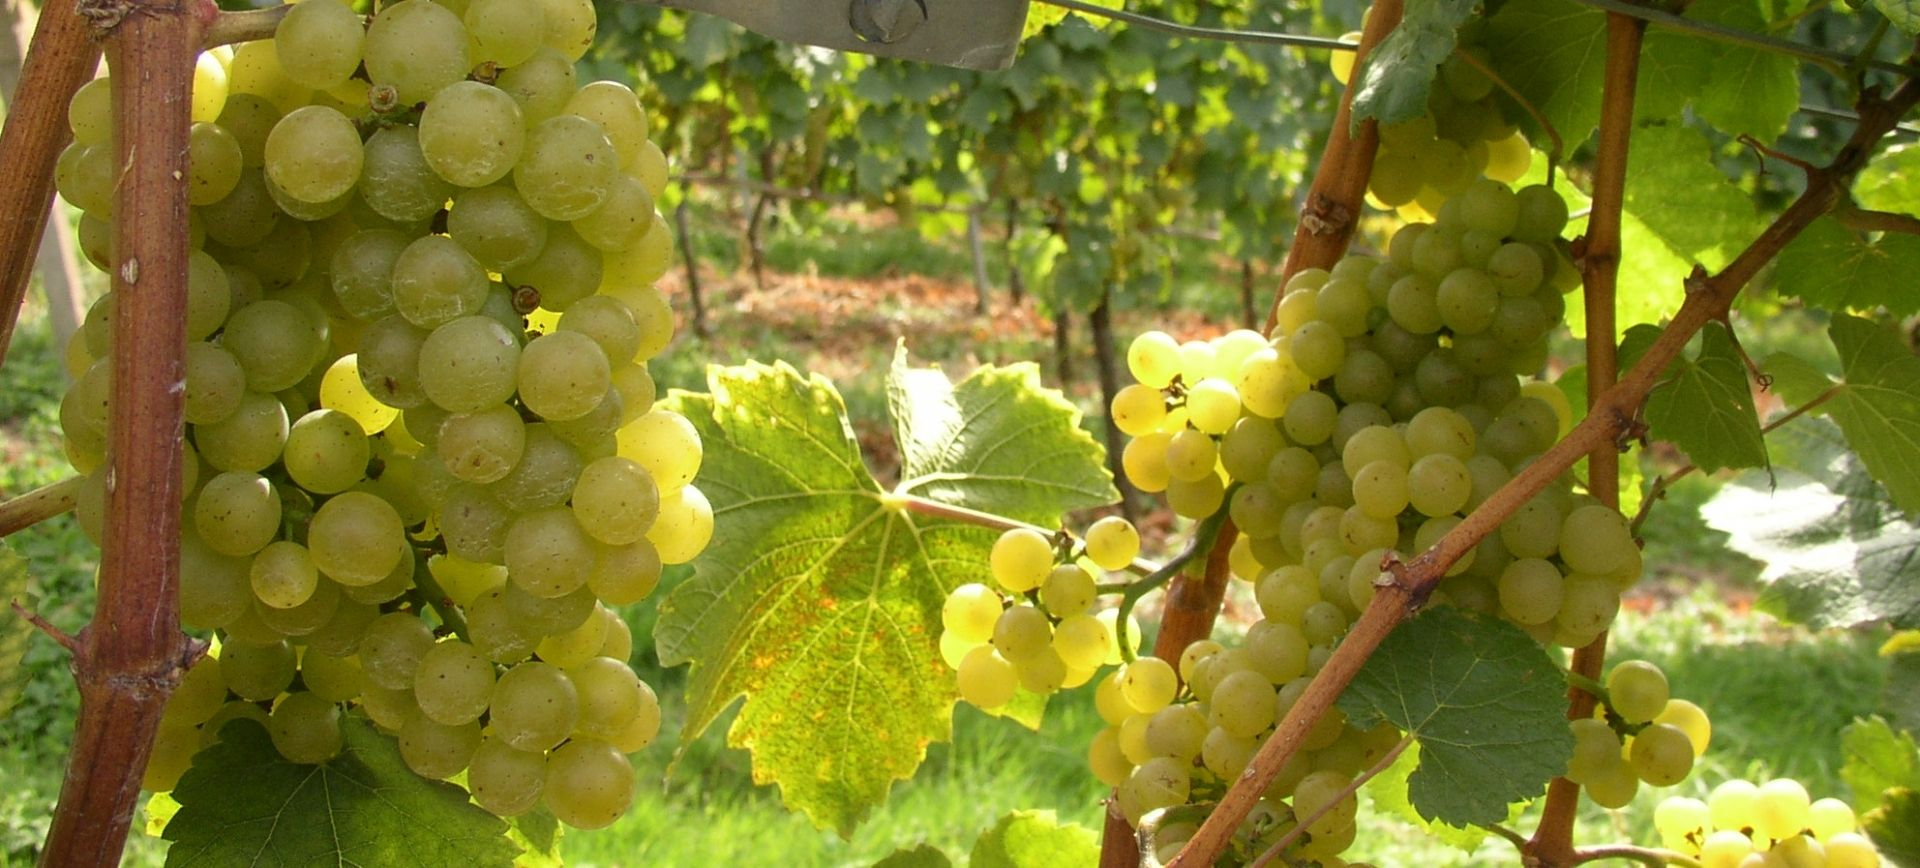 Weingut-Kiefer-Ortenberg-Wein-Erlesen-kaufen-Weintrauben-weiss